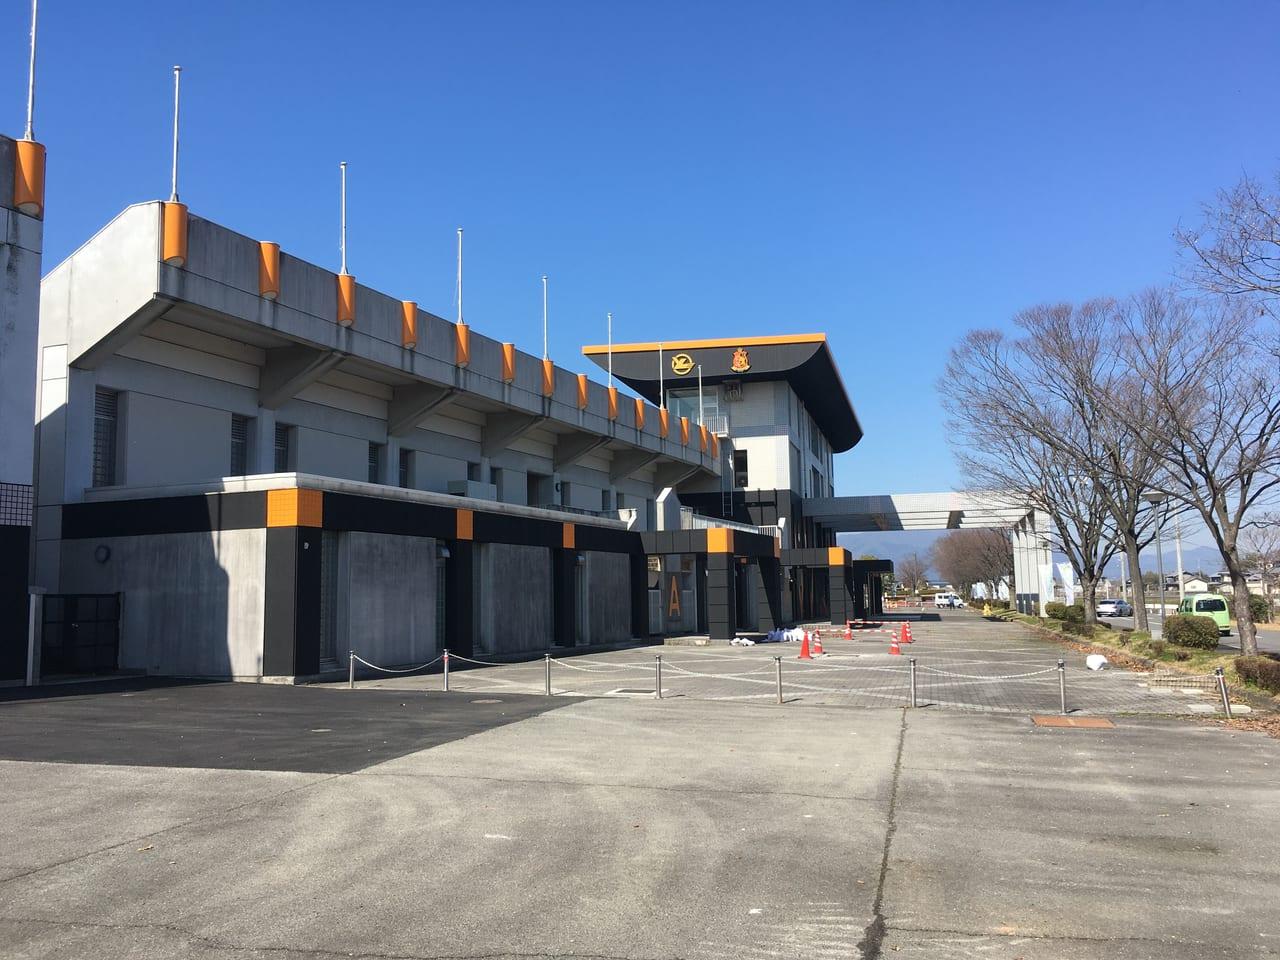 ヴィアティンカラーに塗装された東員町スポーツ公園陸上競技場の裏側